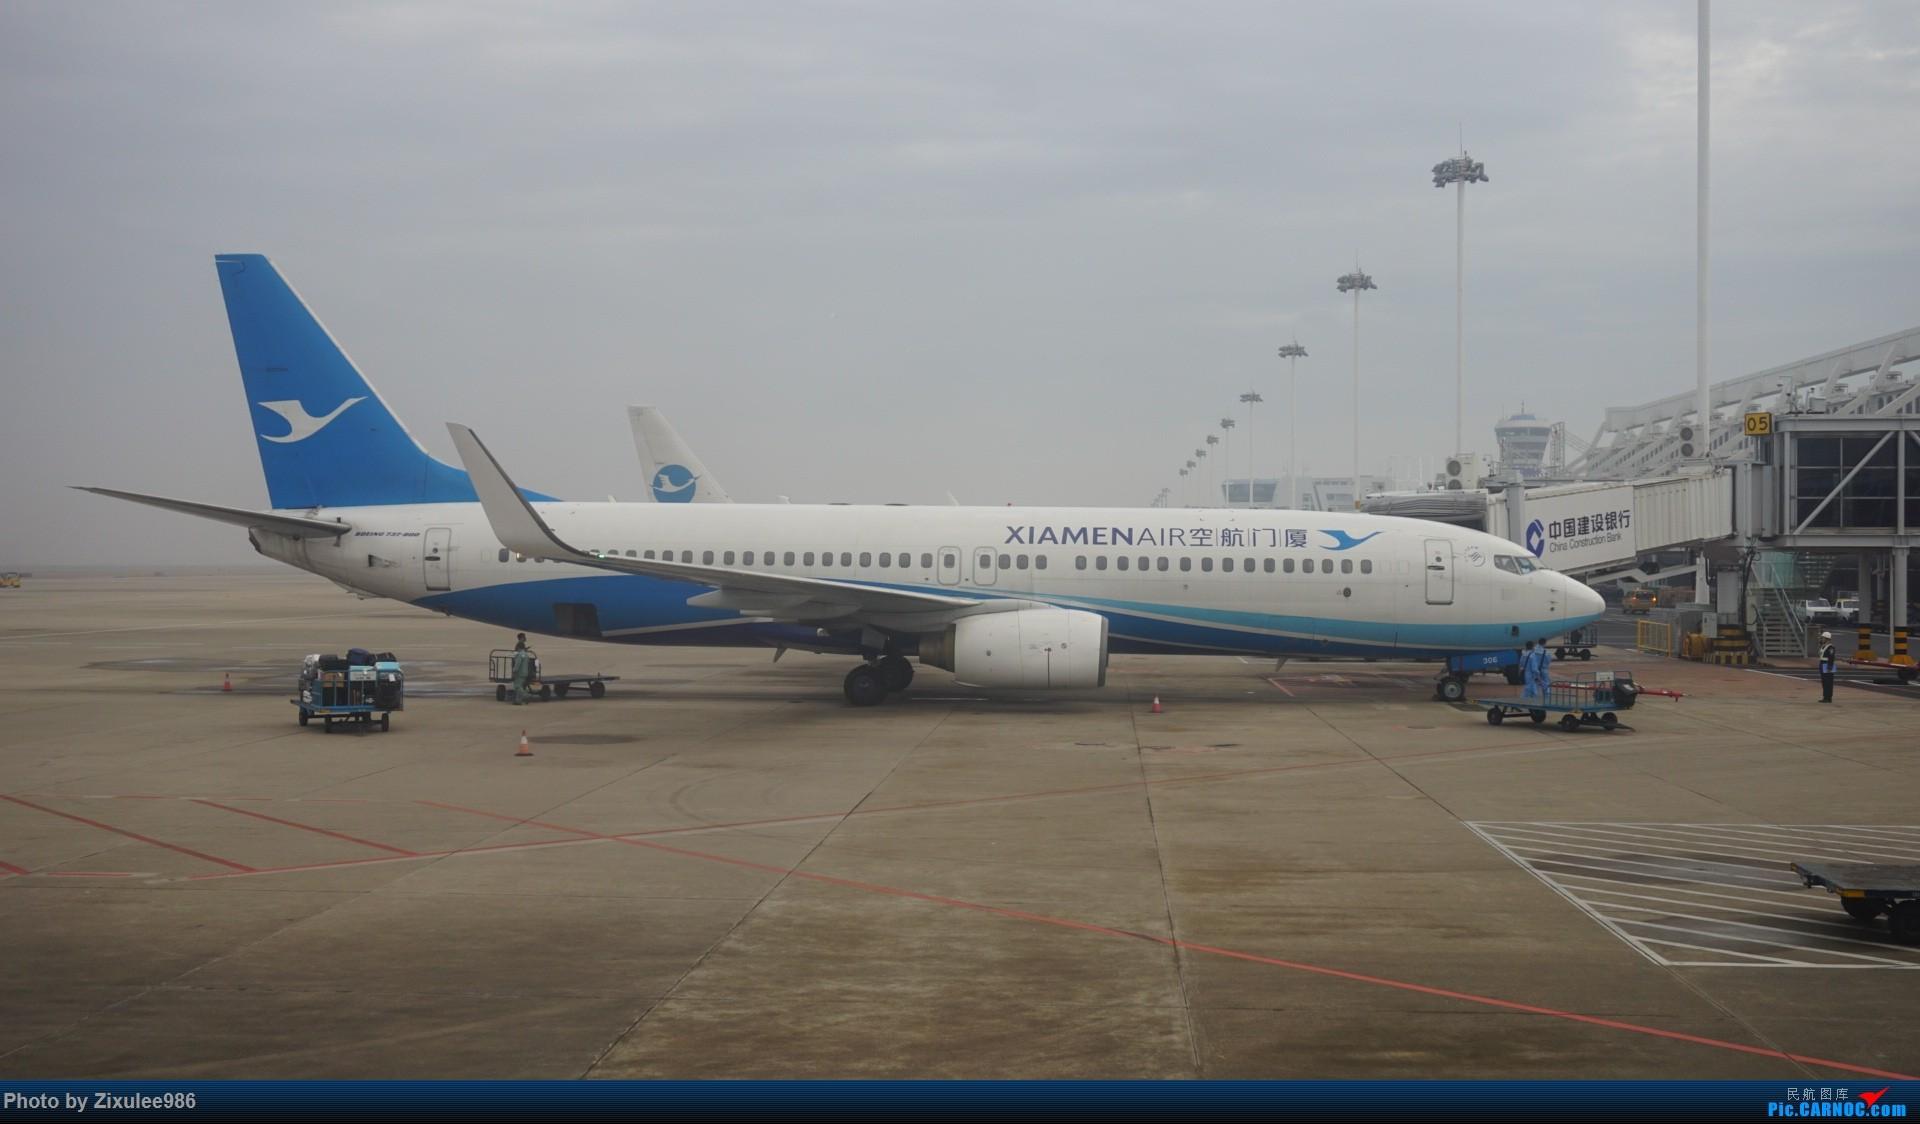 [原创][XMN]寒假东北游随拍PART1--厦航篇~头一次拍752 BOEING 737-85C(WL) B-5306 中国厦门高崎国际机场